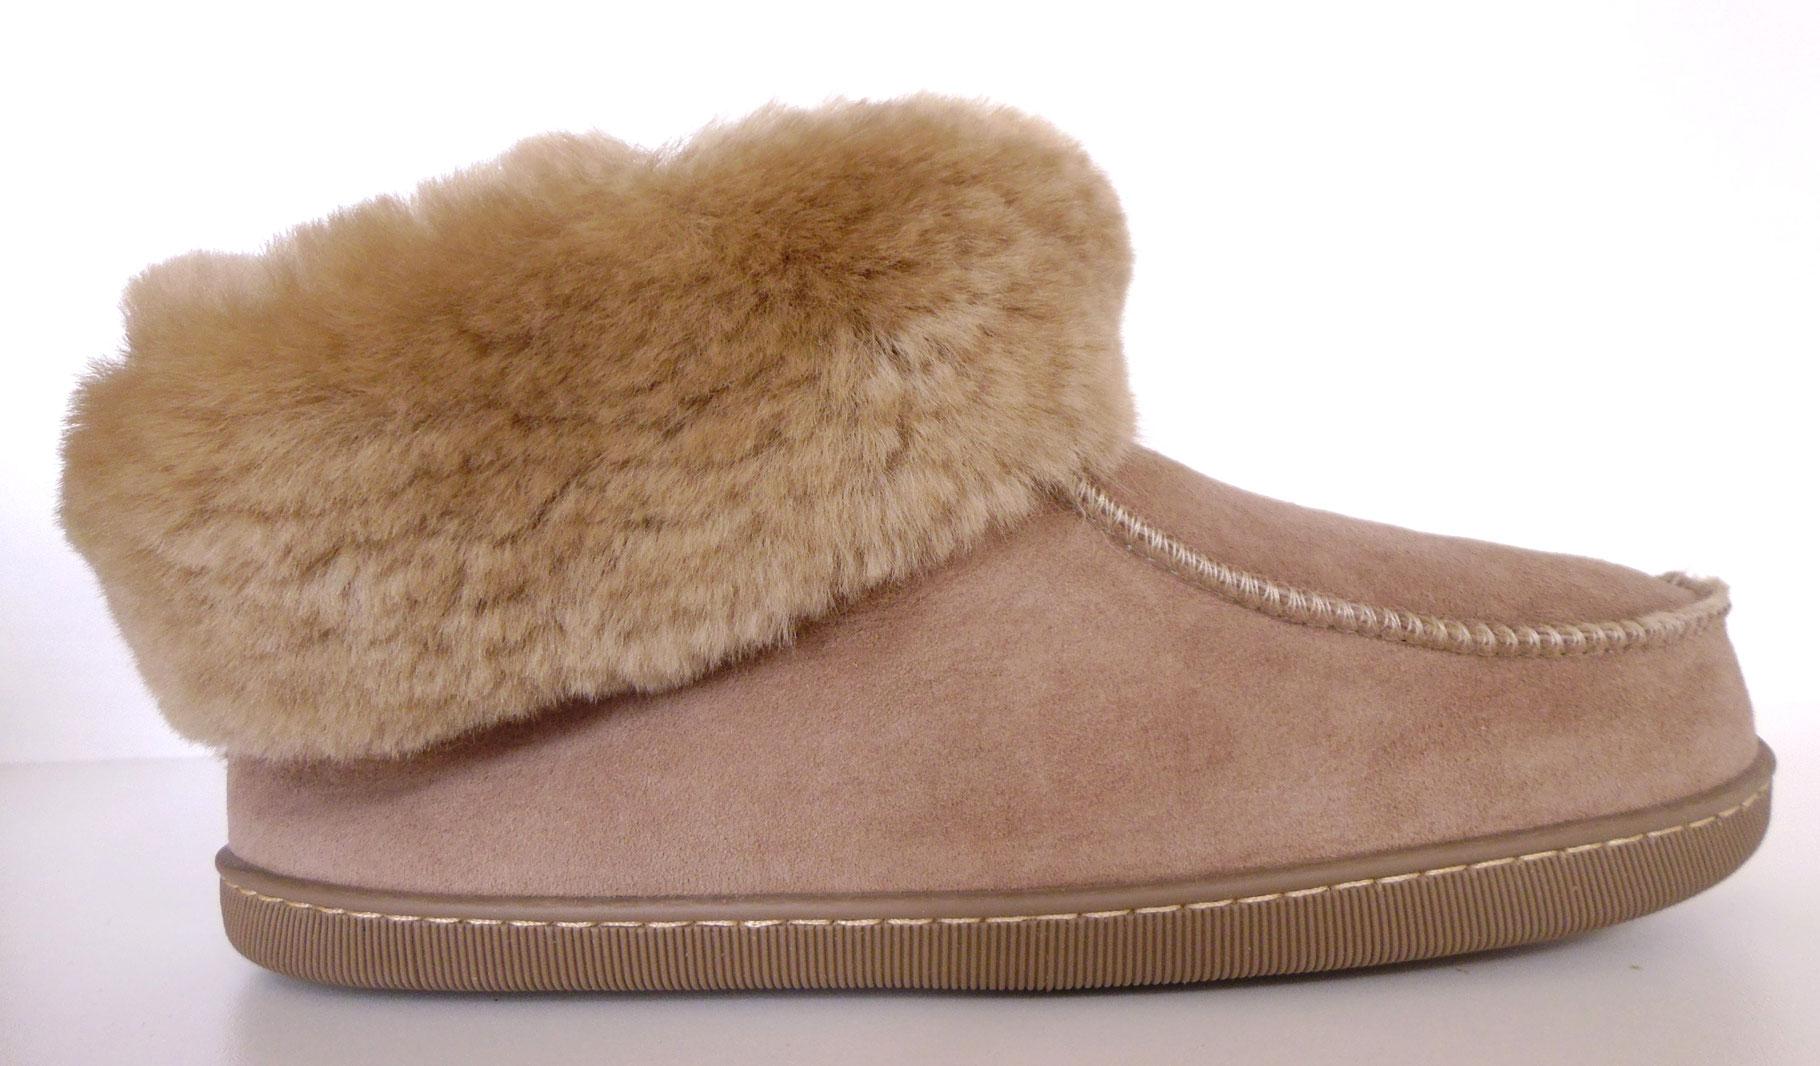 chaussons en peau de mouton ou fourr s la laine de mouton mod le homme les chaussons d. Black Bedroom Furniture Sets. Home Design Ideas